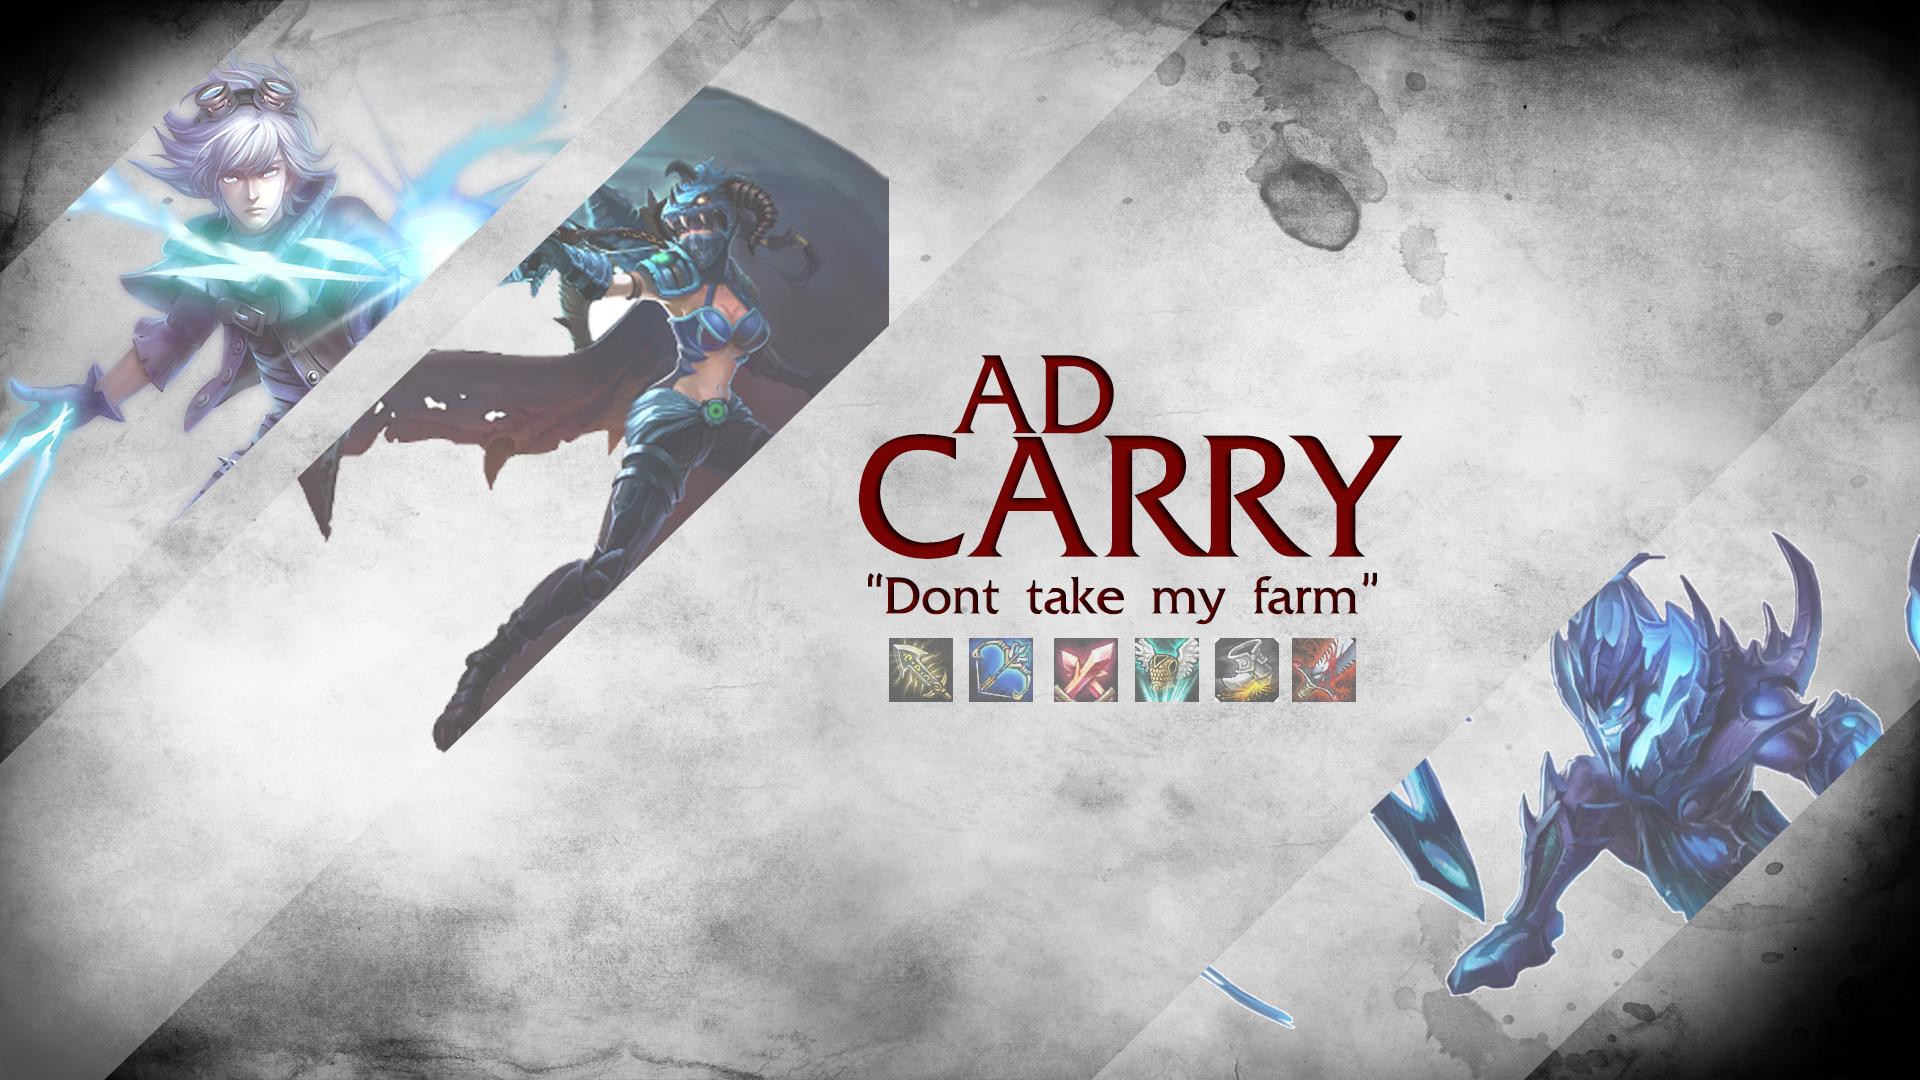 AD Carry by Dwindlekin